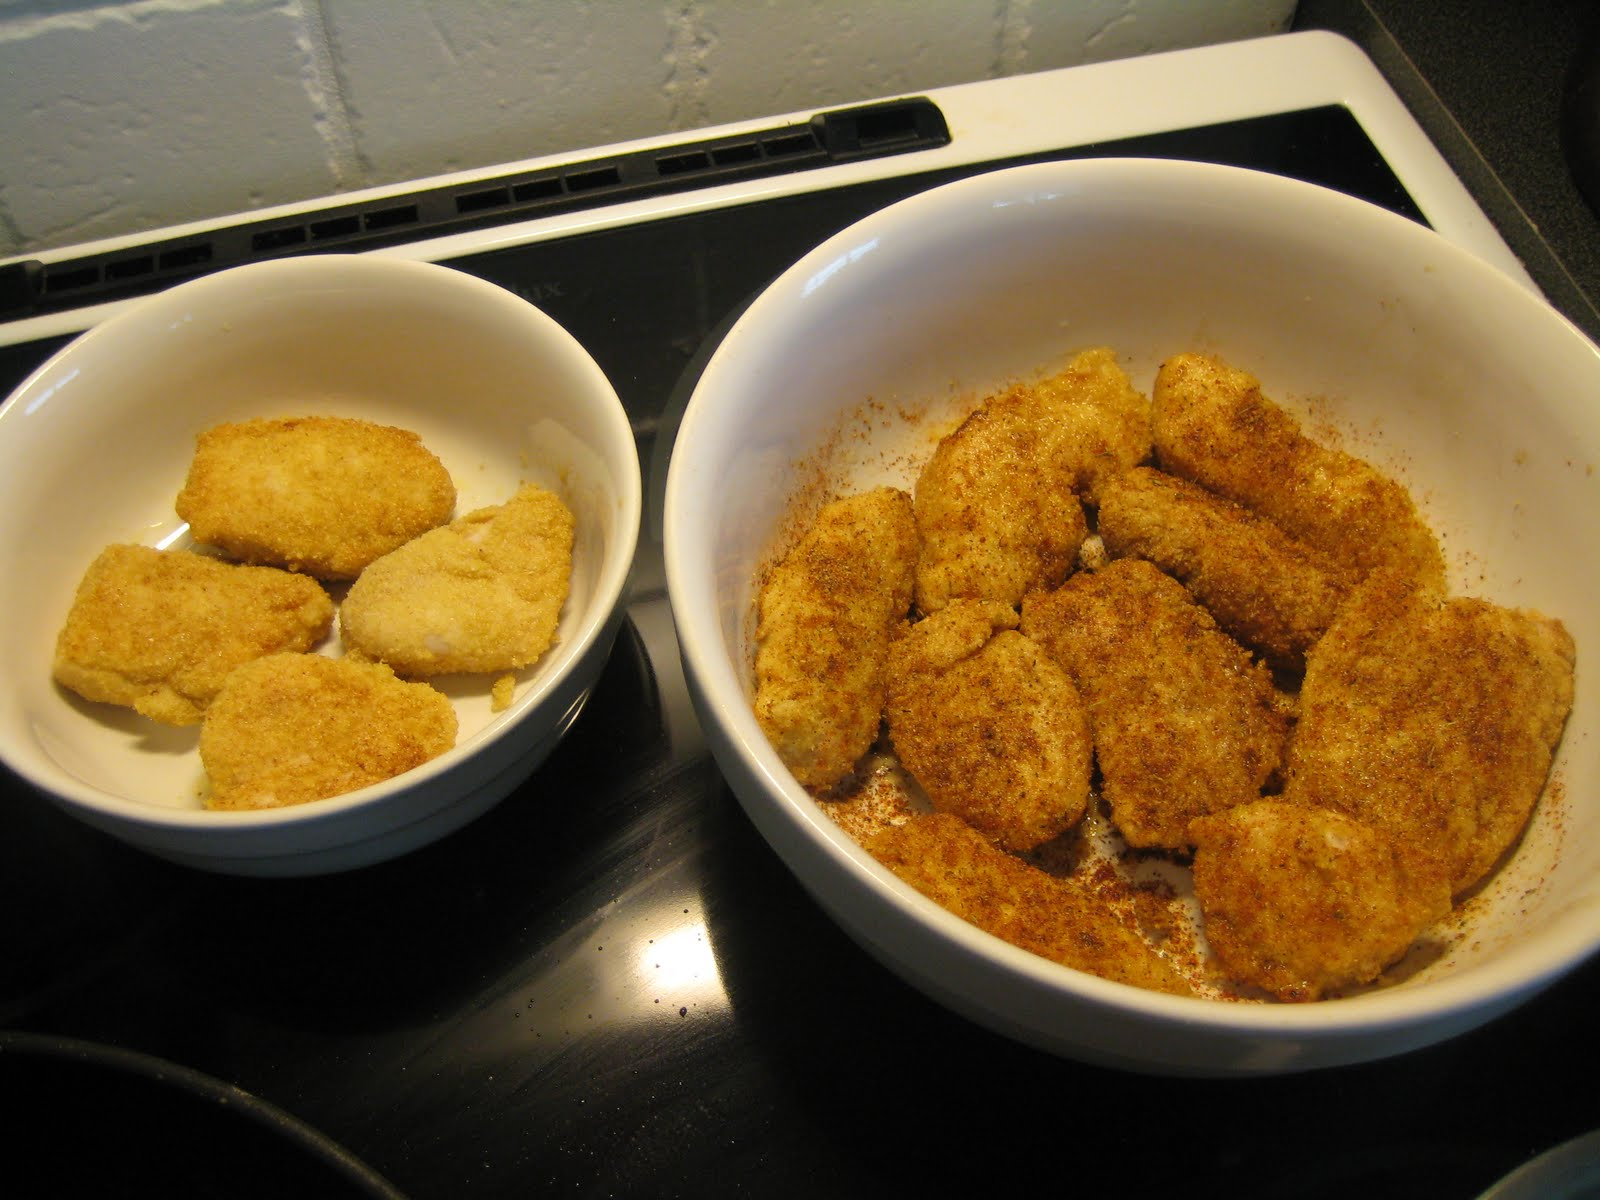 kyckling nuggets lchf